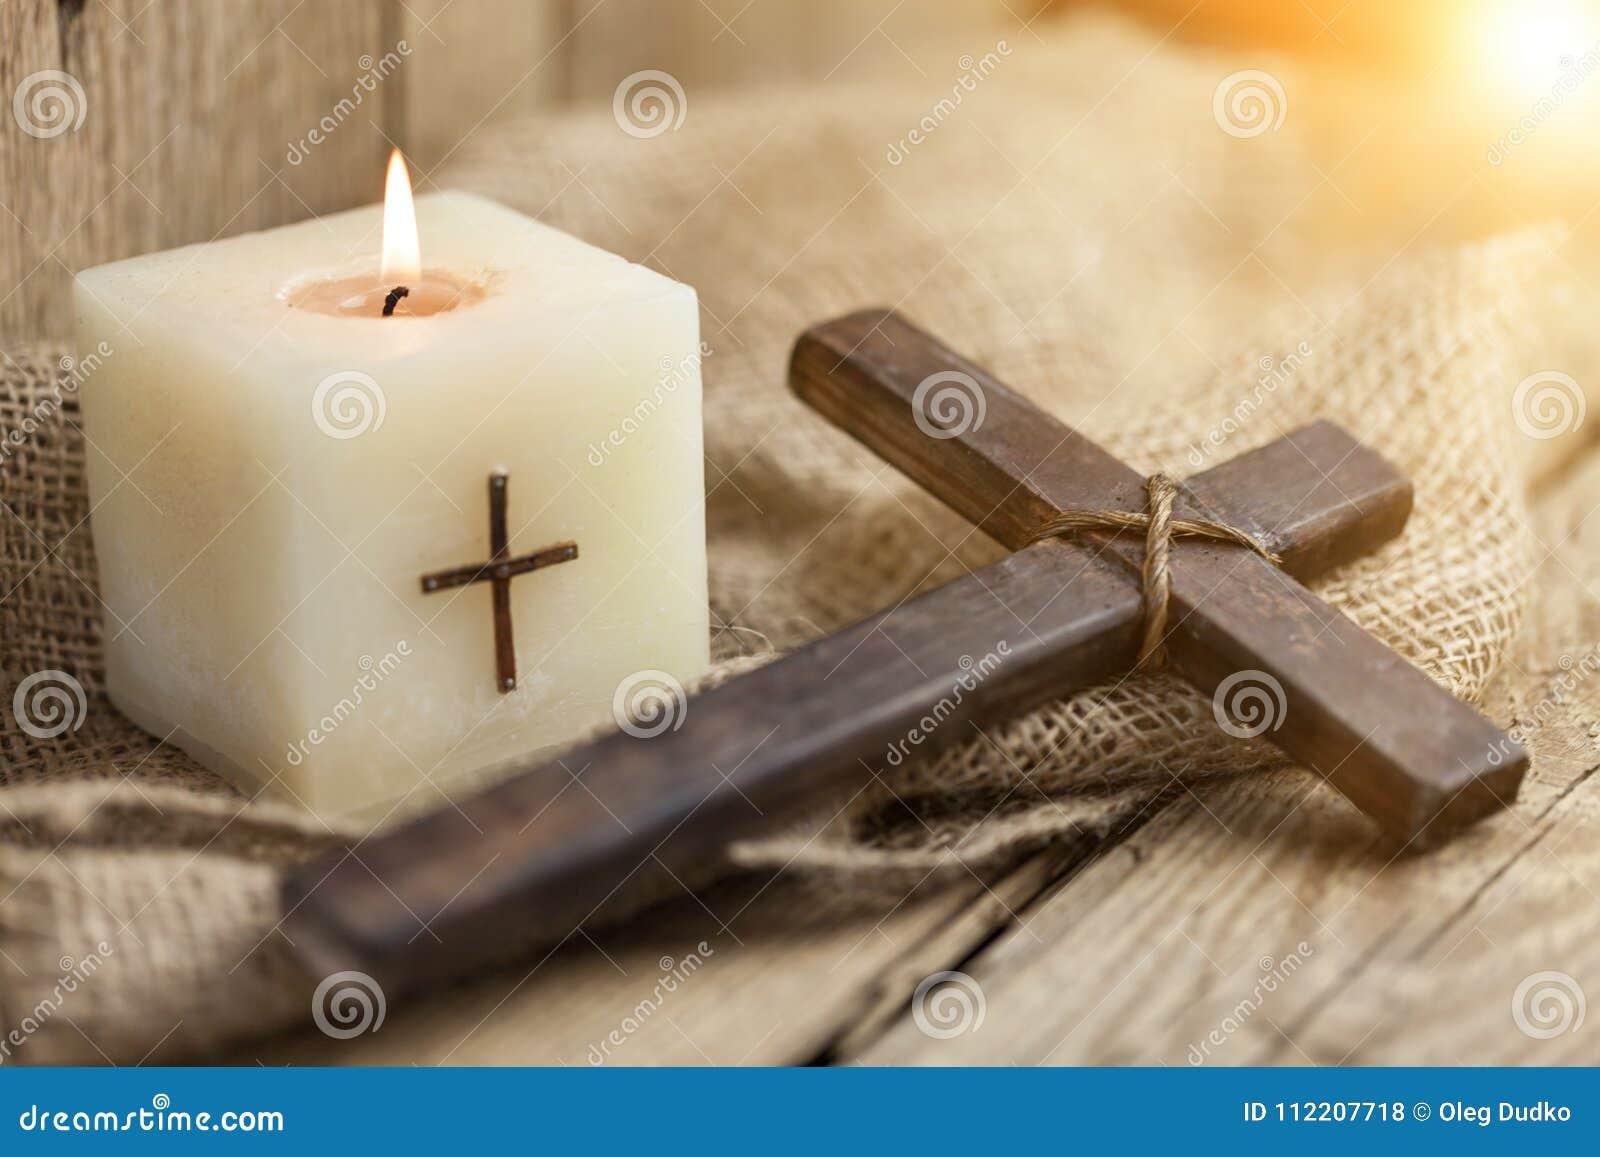 Christliches Kreuz und Kerze